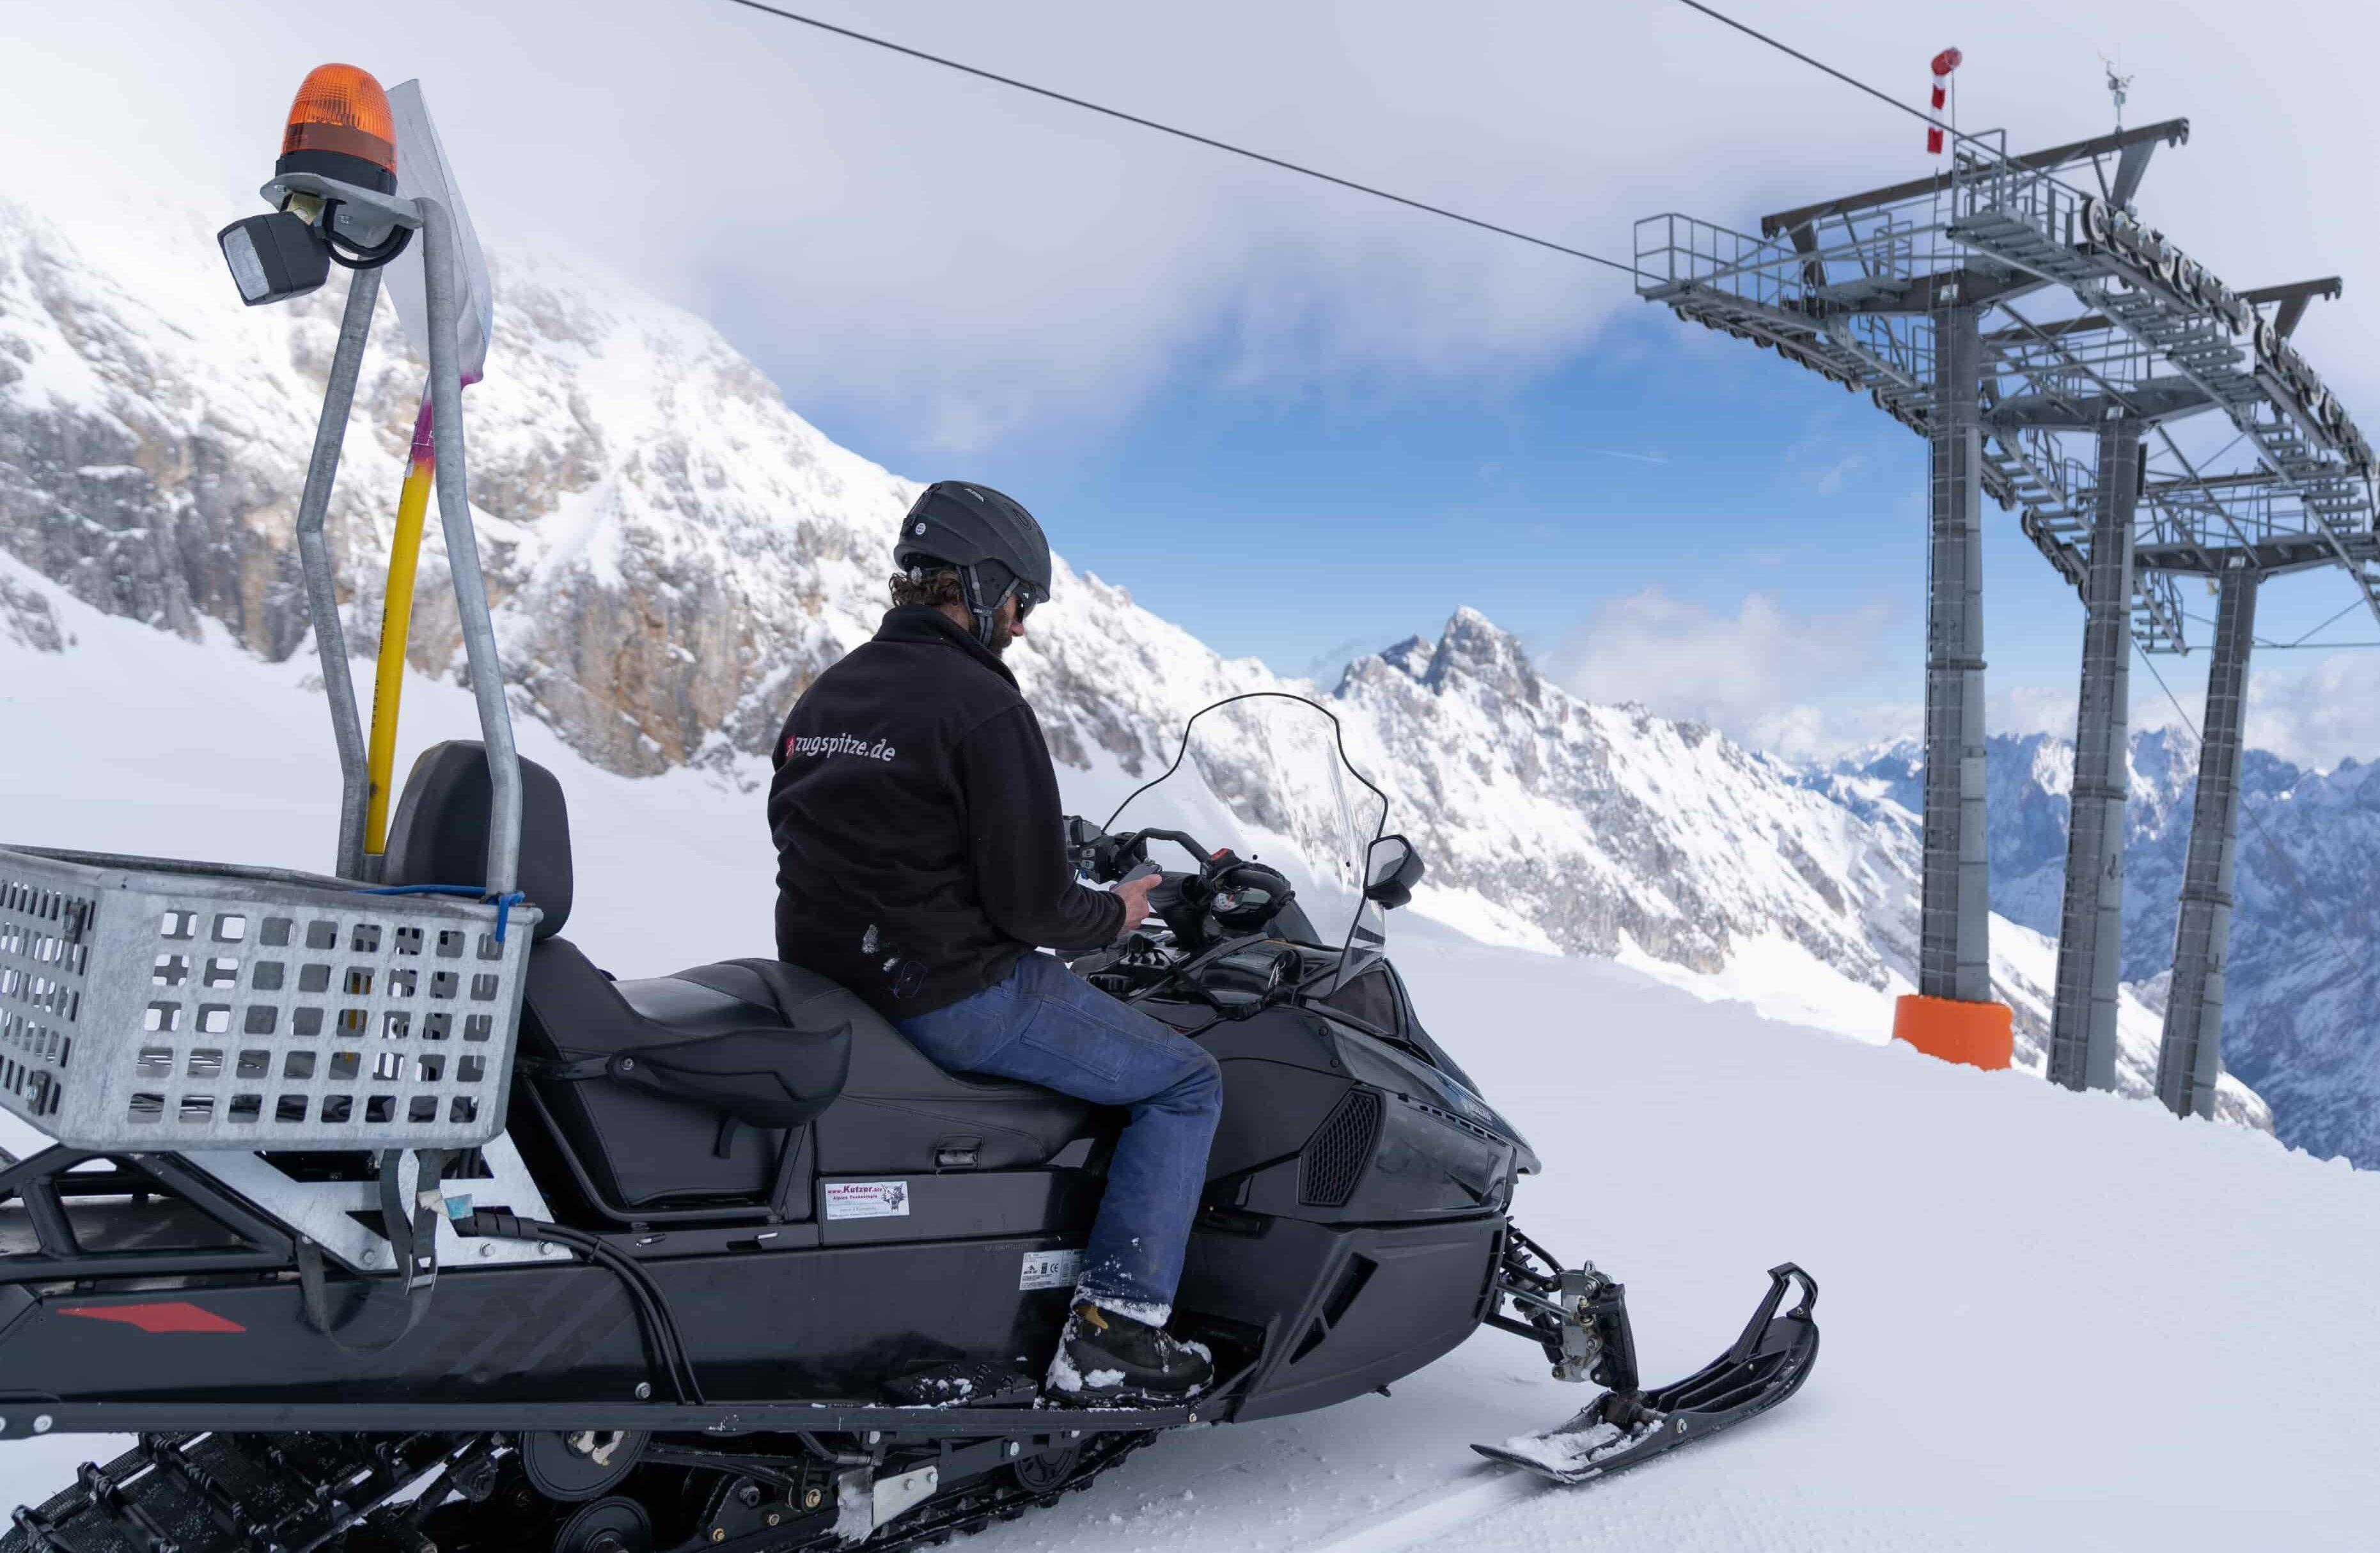 Mitarbeiter auf Skidoo im Skigebiet mit Handy in der Hand